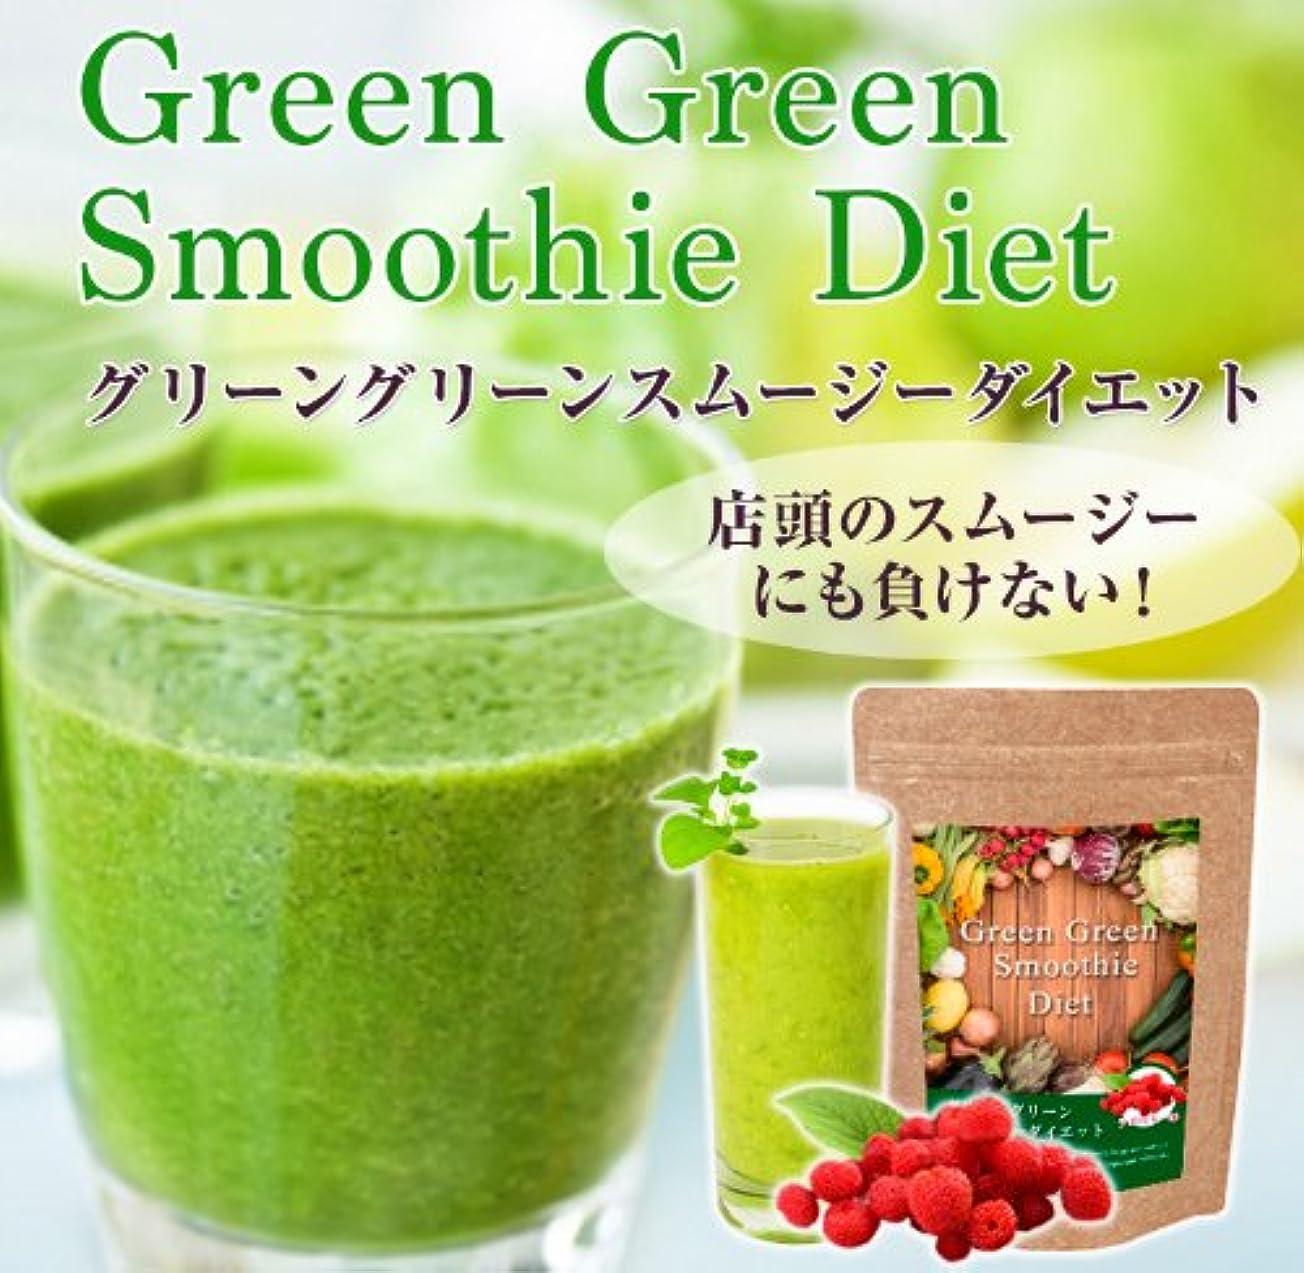 フラップアシスタント機知に富んだグリーングリーンスムージー ダイエット 2個セット(置き換えダイエットスムージー)